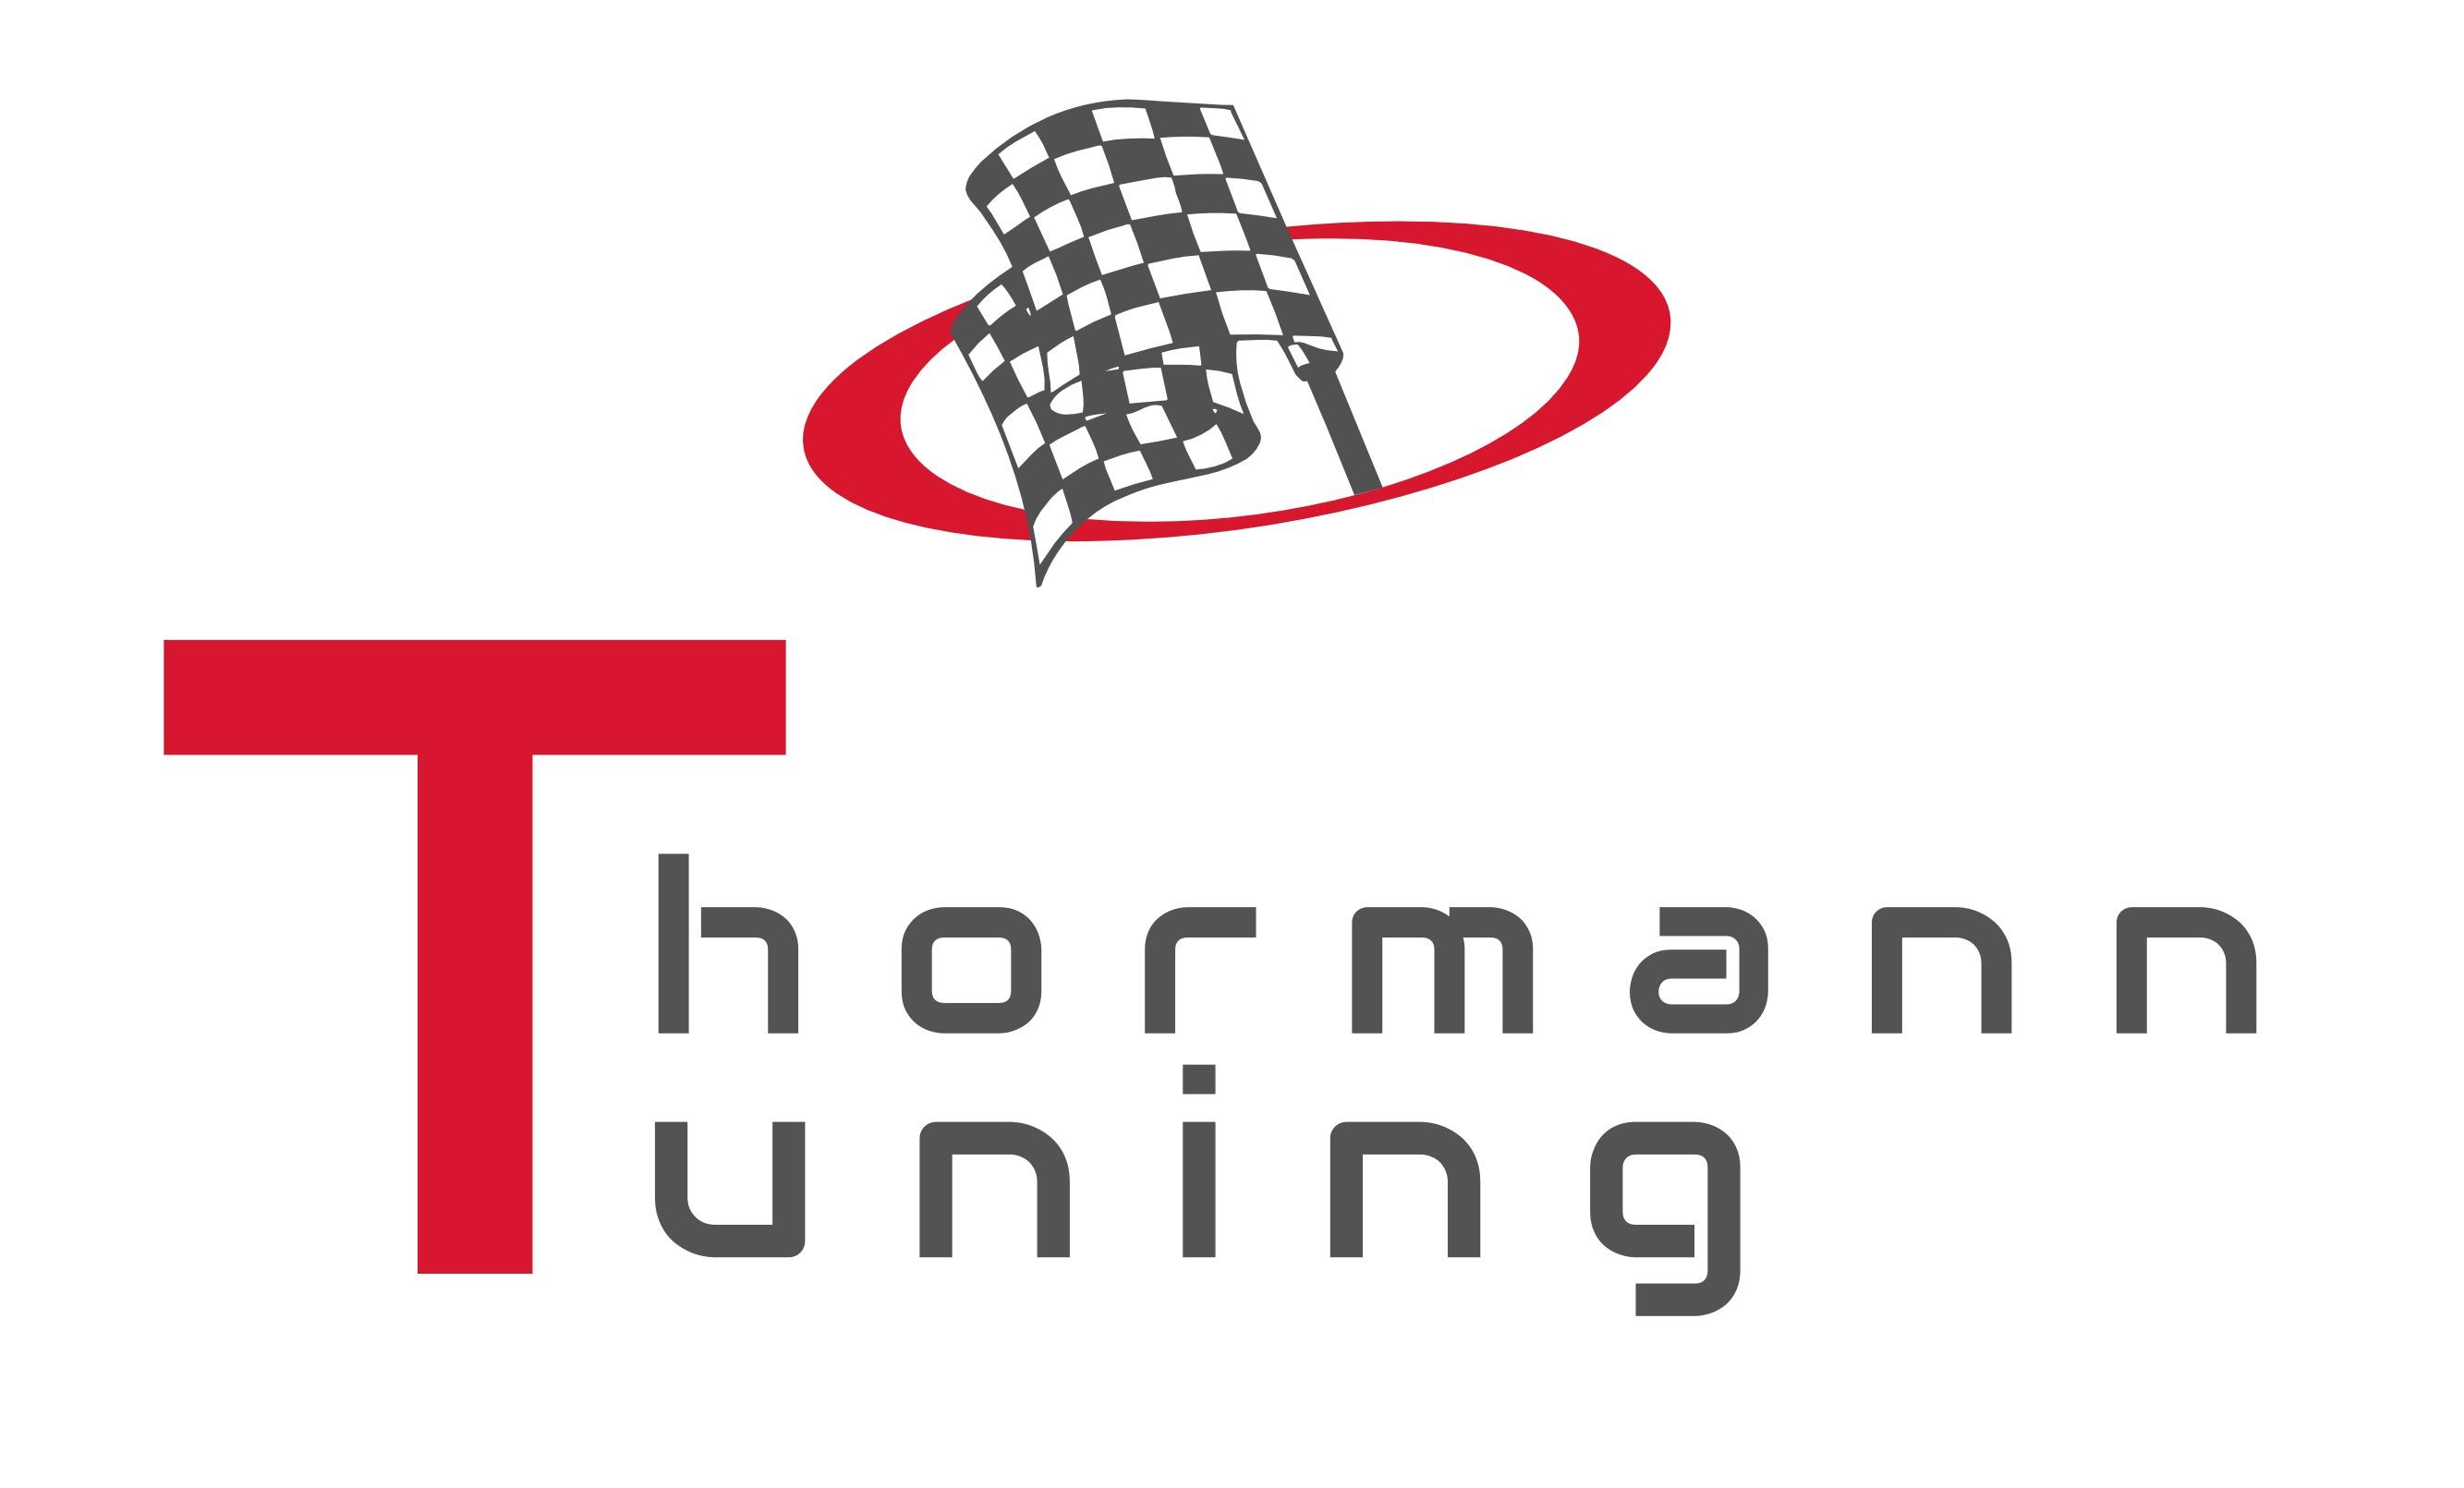 Thormann Tuning In R Dental Branchenbuch Deutschland